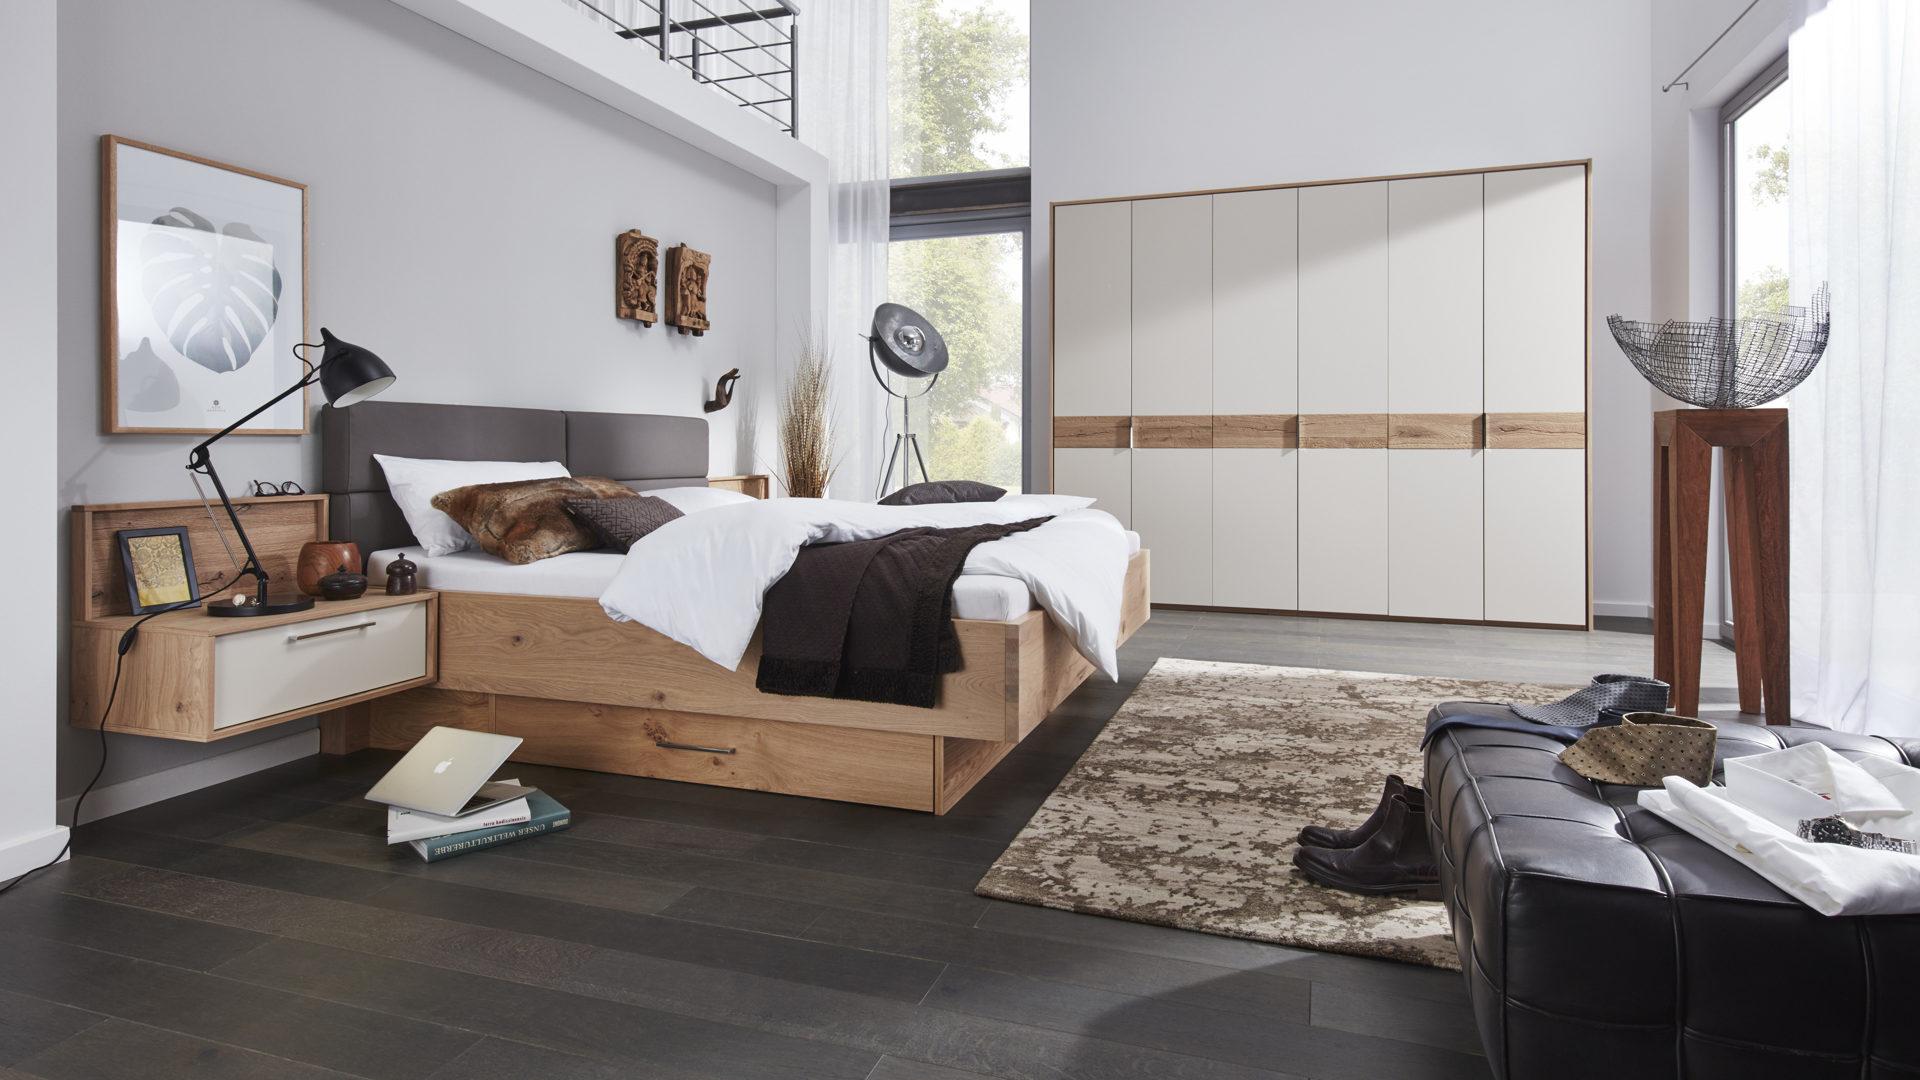 awesome möbel boer küchen pictures - house design ideas .... Über ...